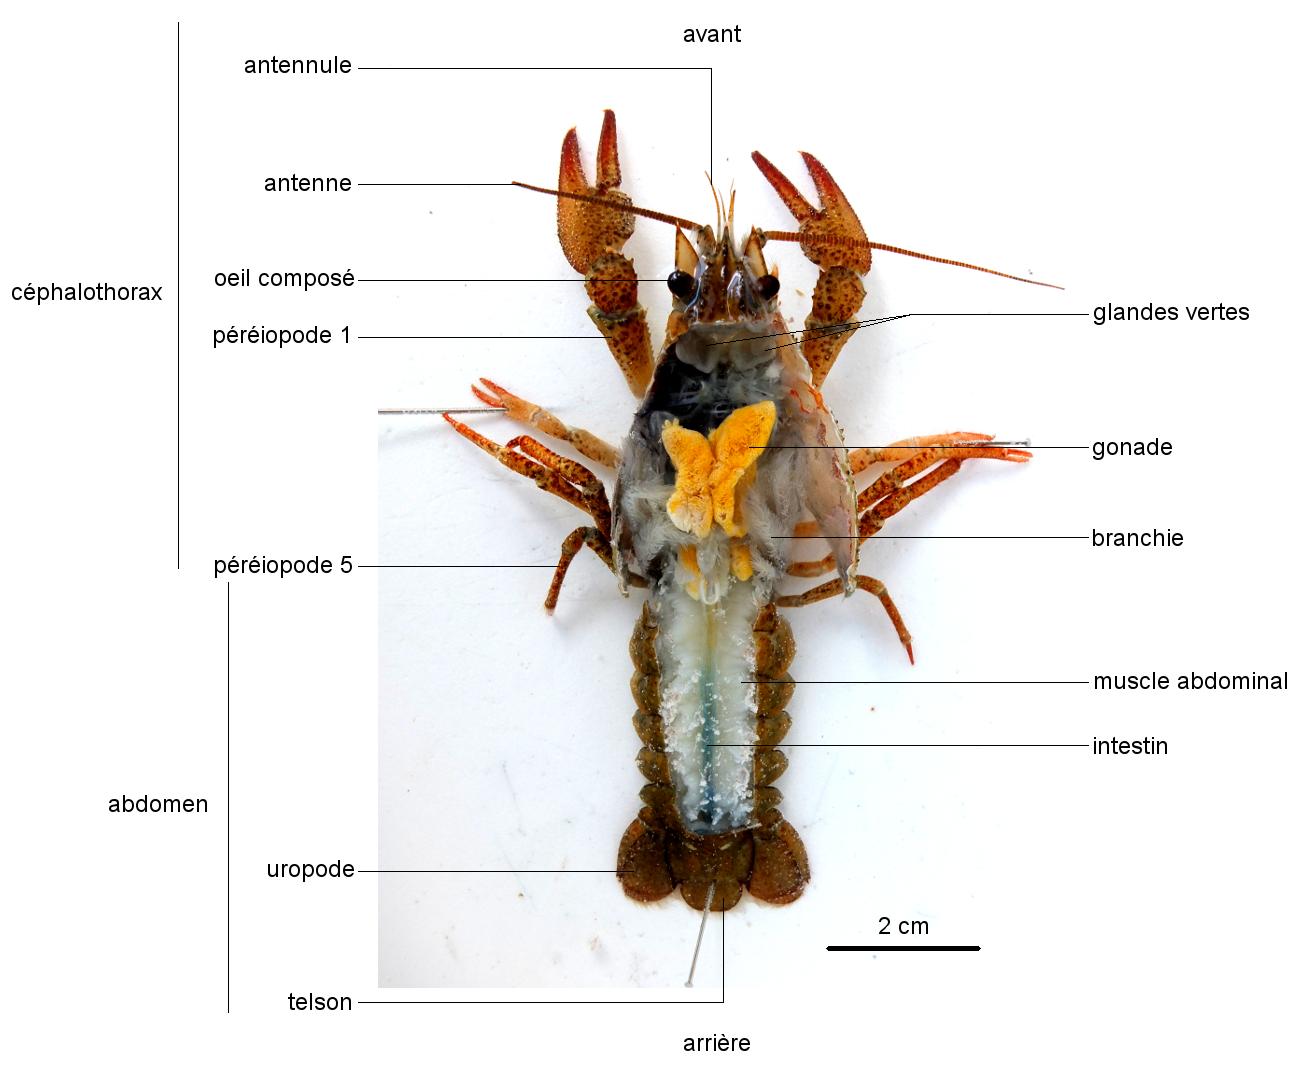 Anatomie de l'Écrevisse en vue dorsale